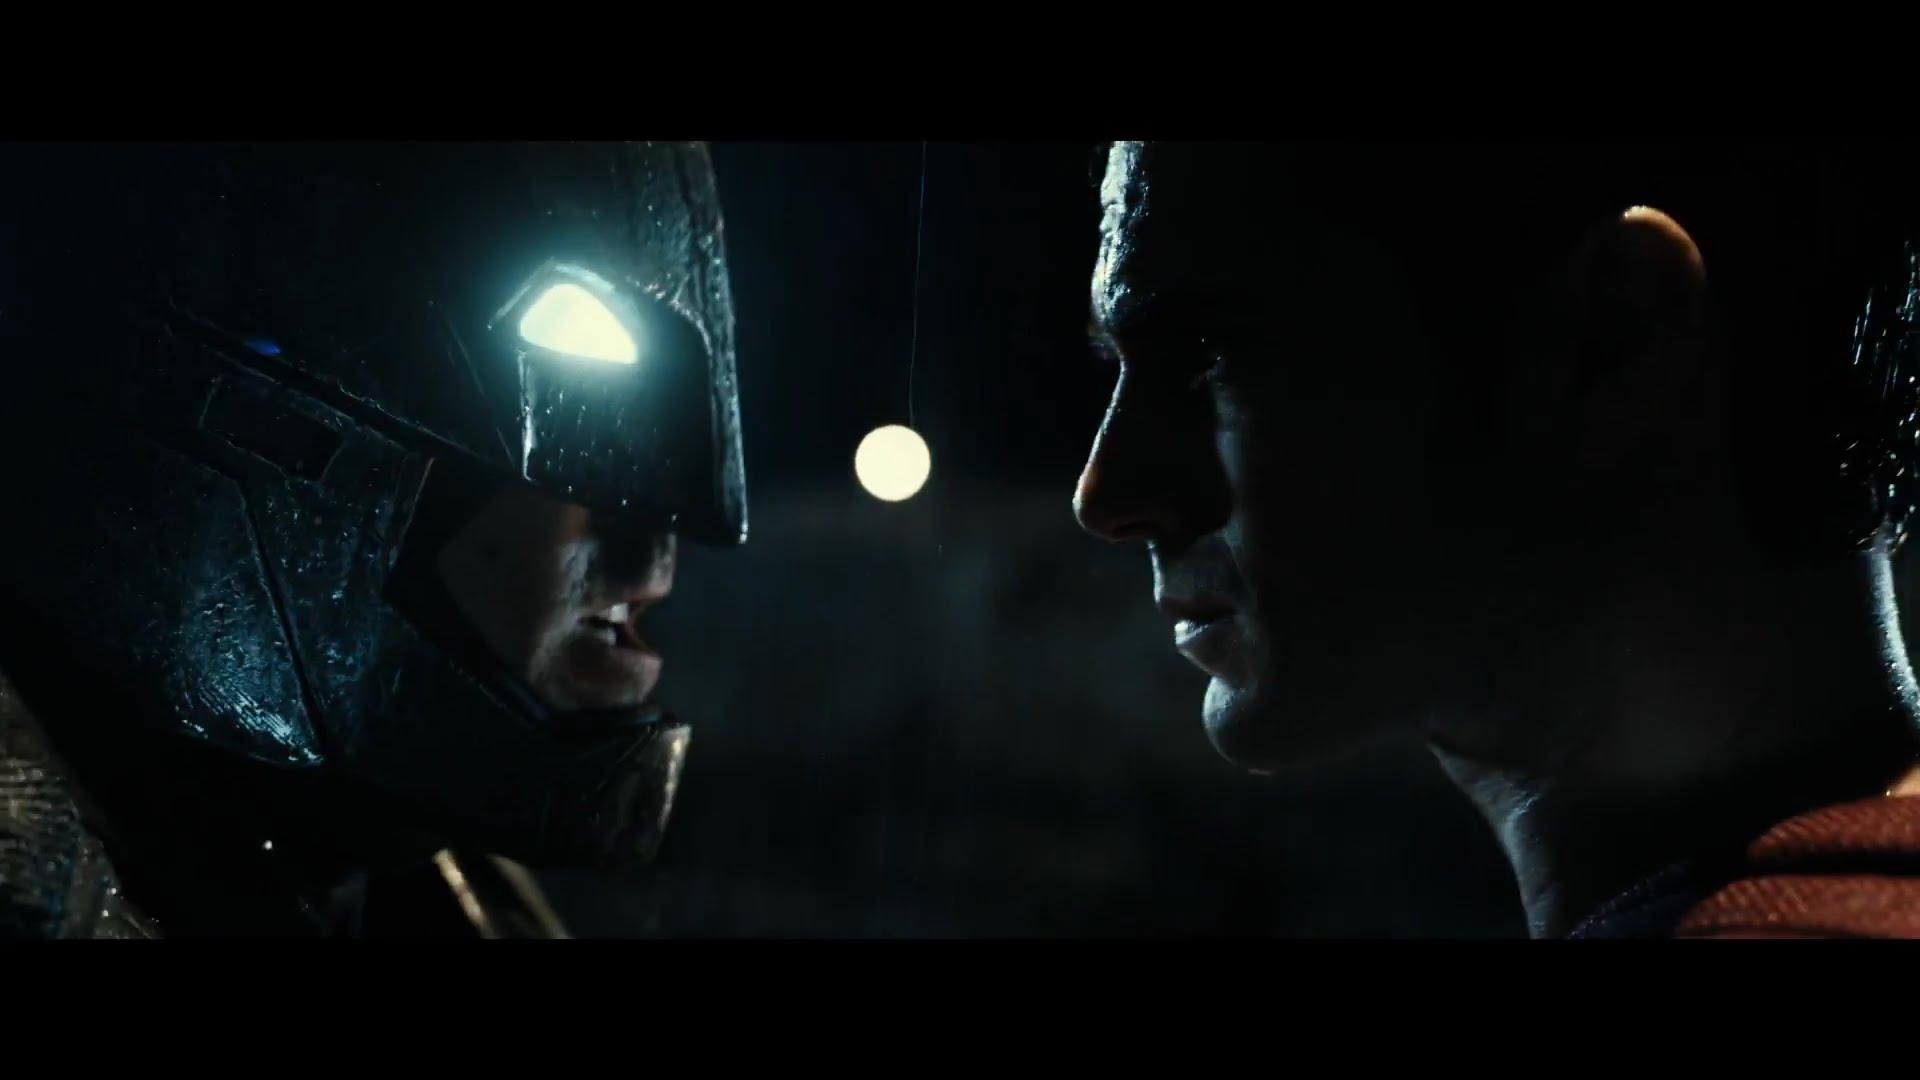 배트맨 대 슈퍼맨&수어사이드 스쿼드 그렇게 나쁜가? 주저리 감상 리뷰